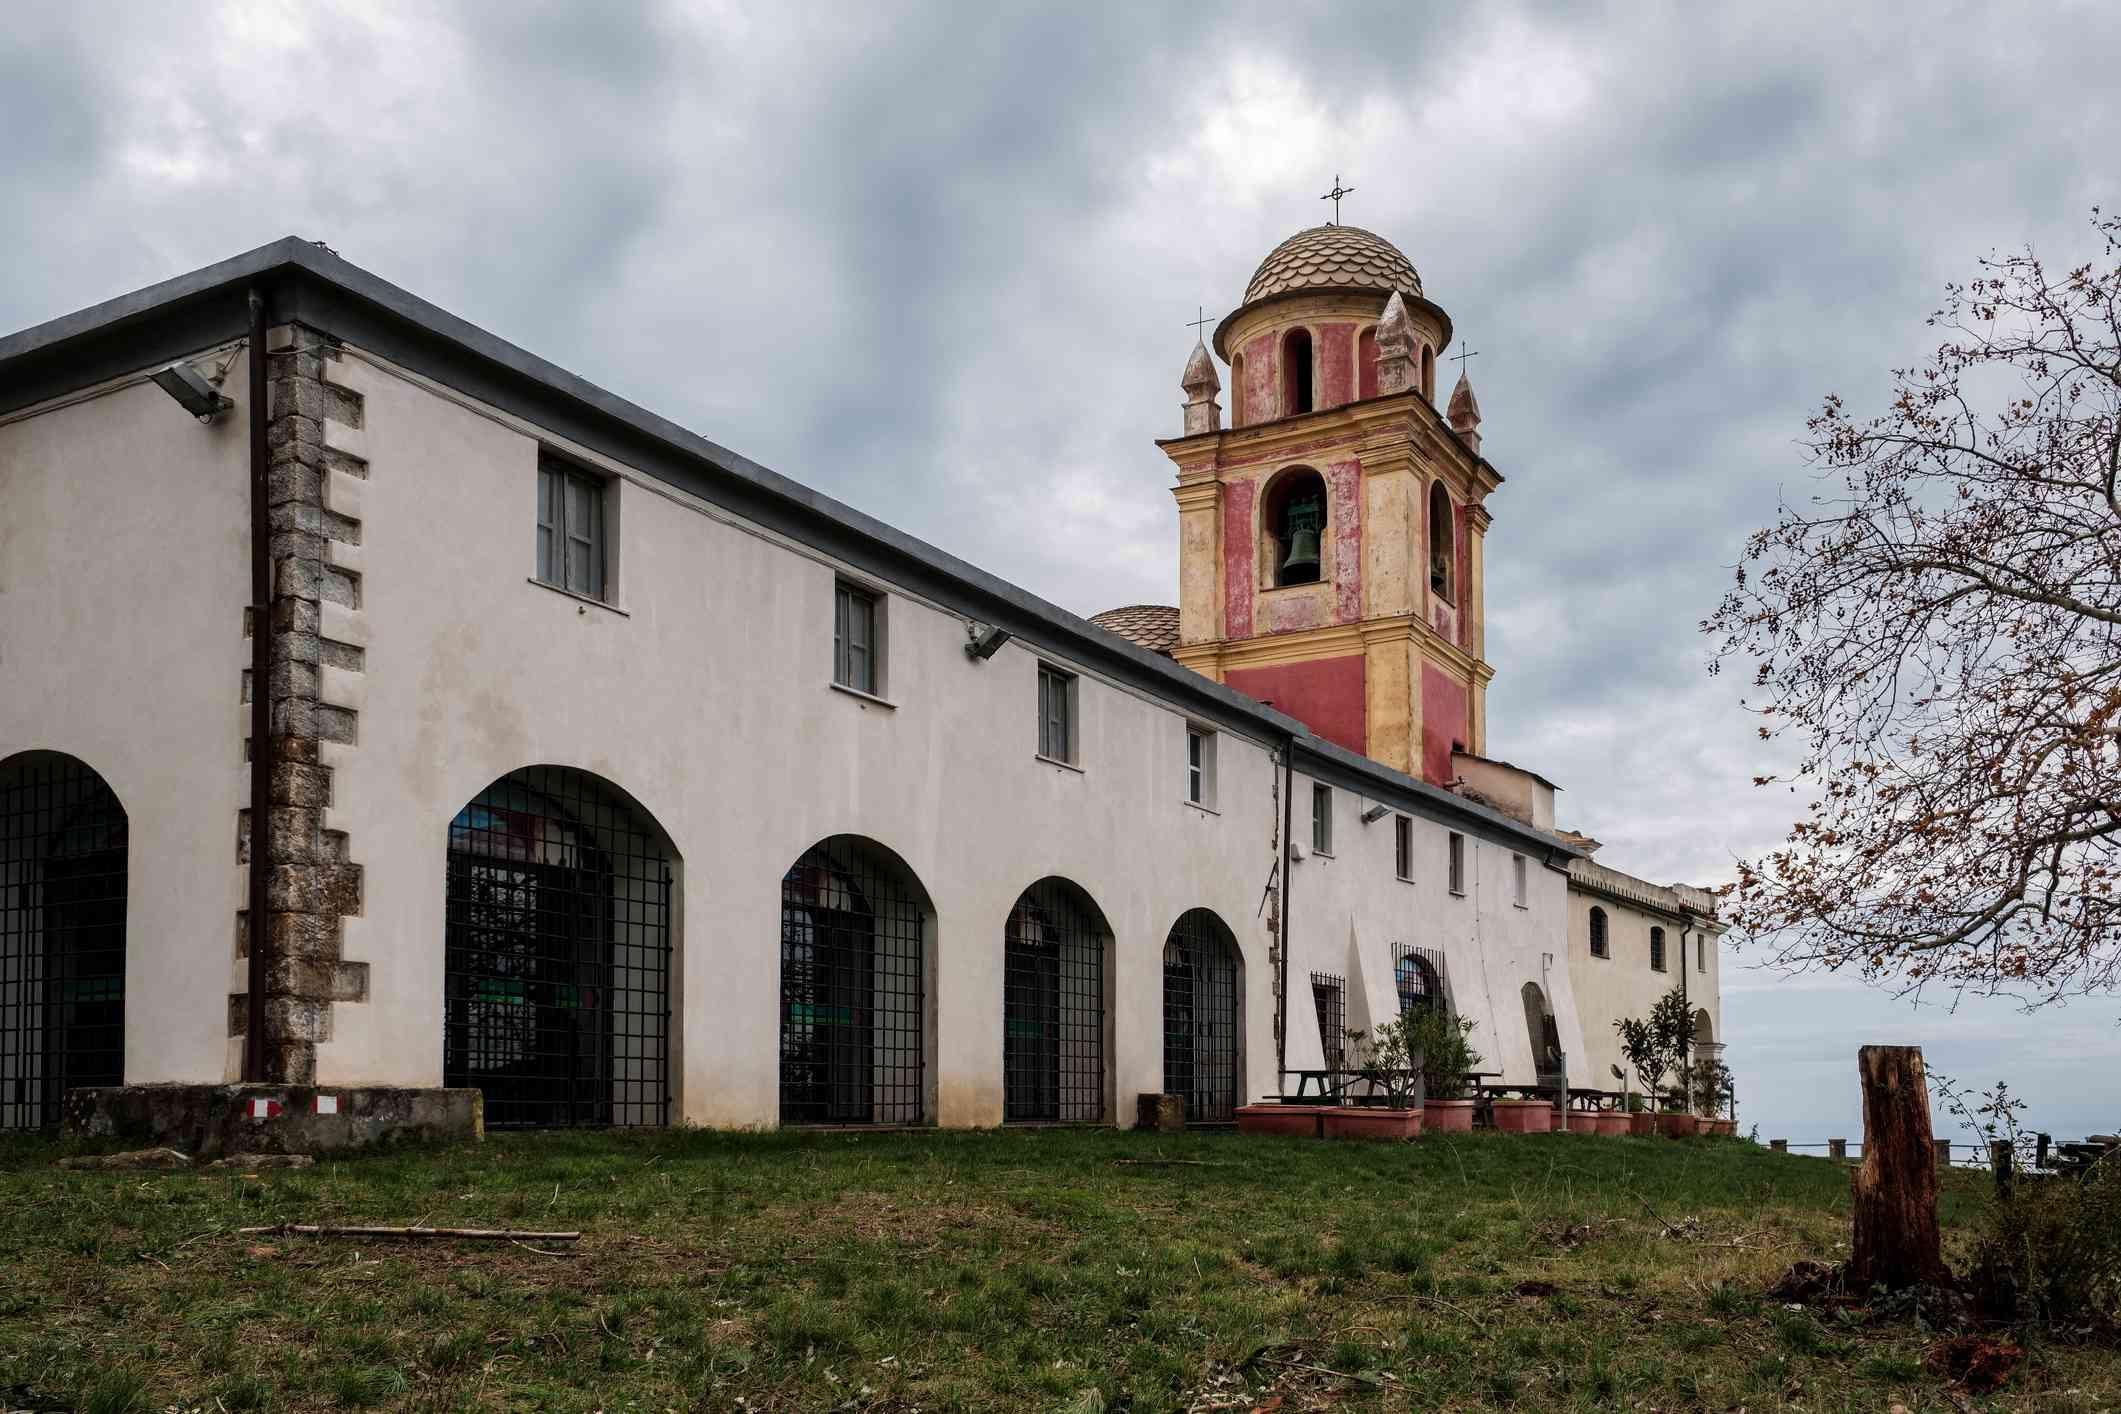 Sanctuary of Montenero Riomaggiore